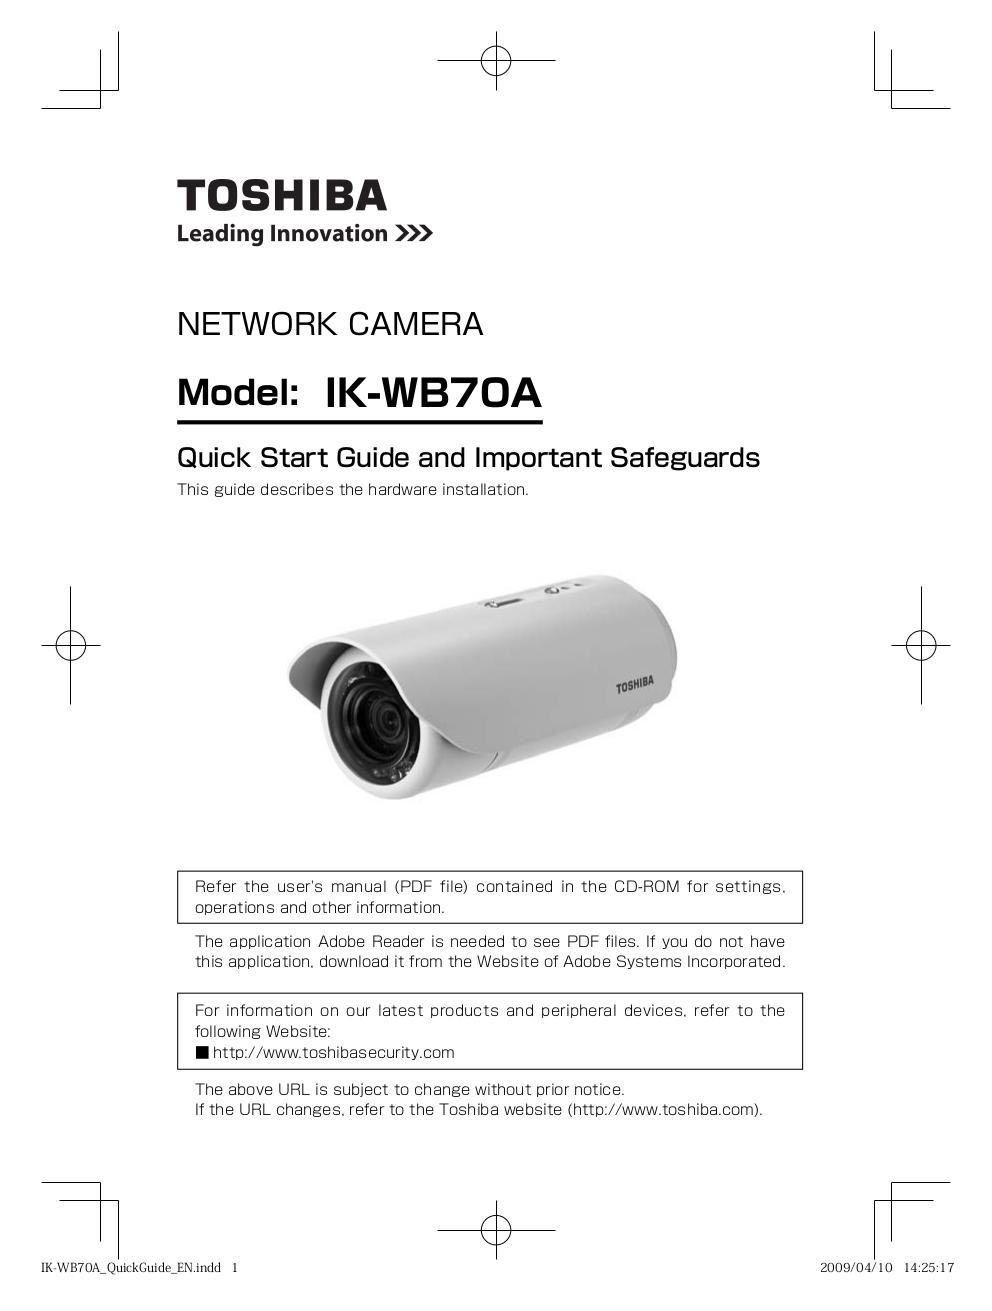 download free pdf for toshiba ik wb70a security camera manual rh umlib com Toshiba CCTV Camera Toshiba CCD Color Camera